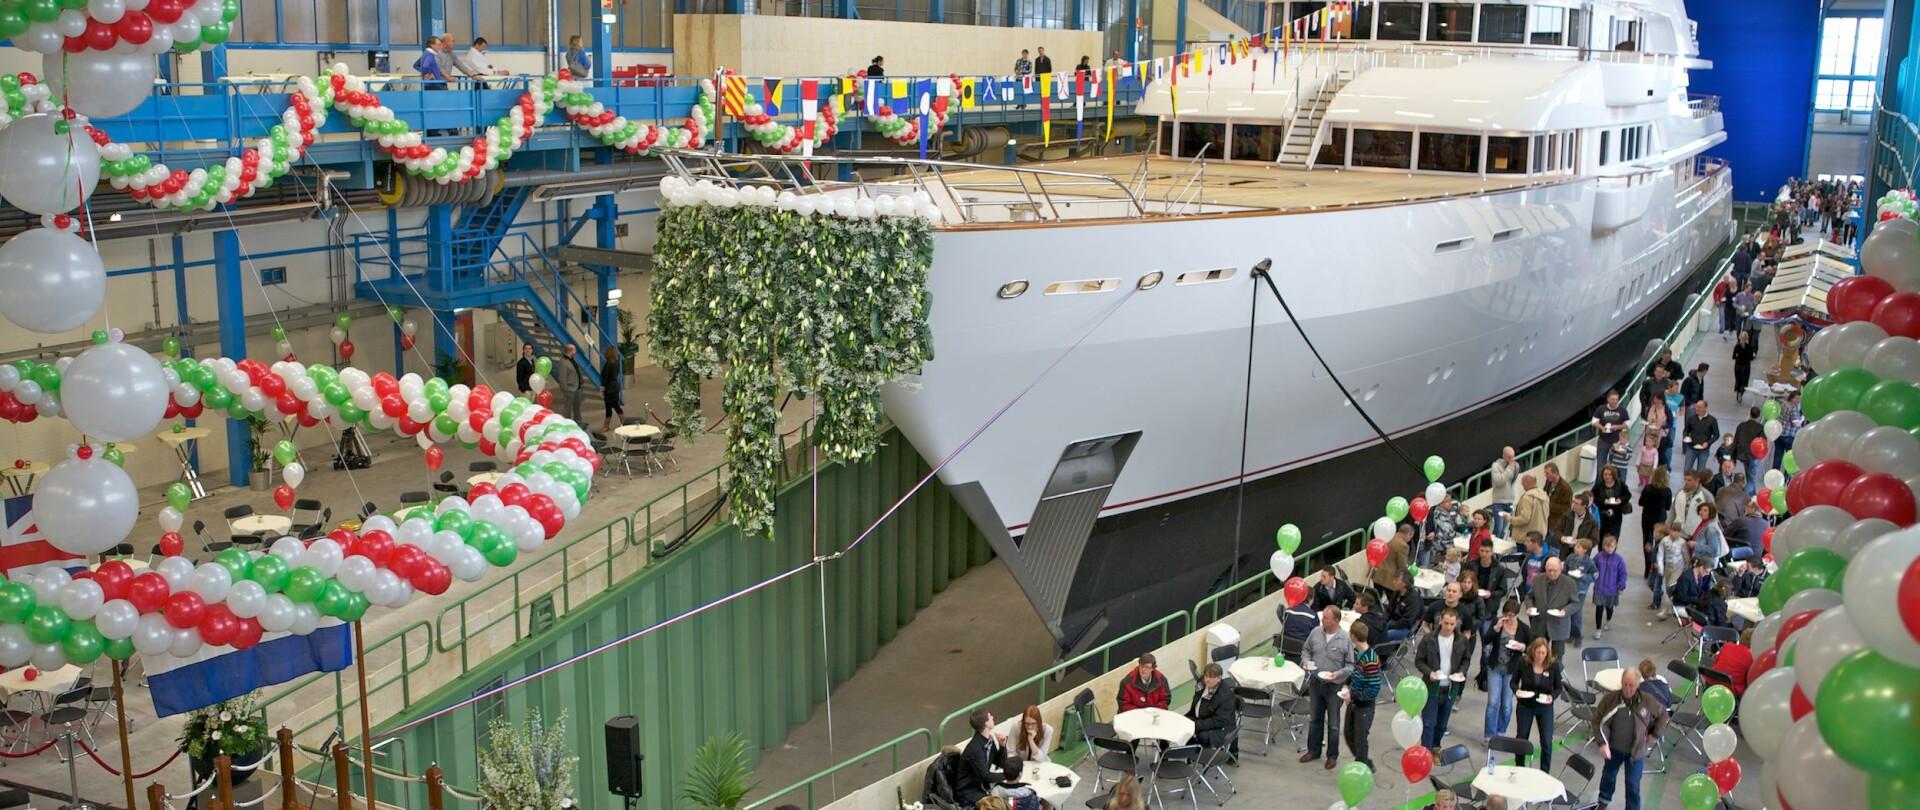 HAMPSHIRE II - New Launch photo 2